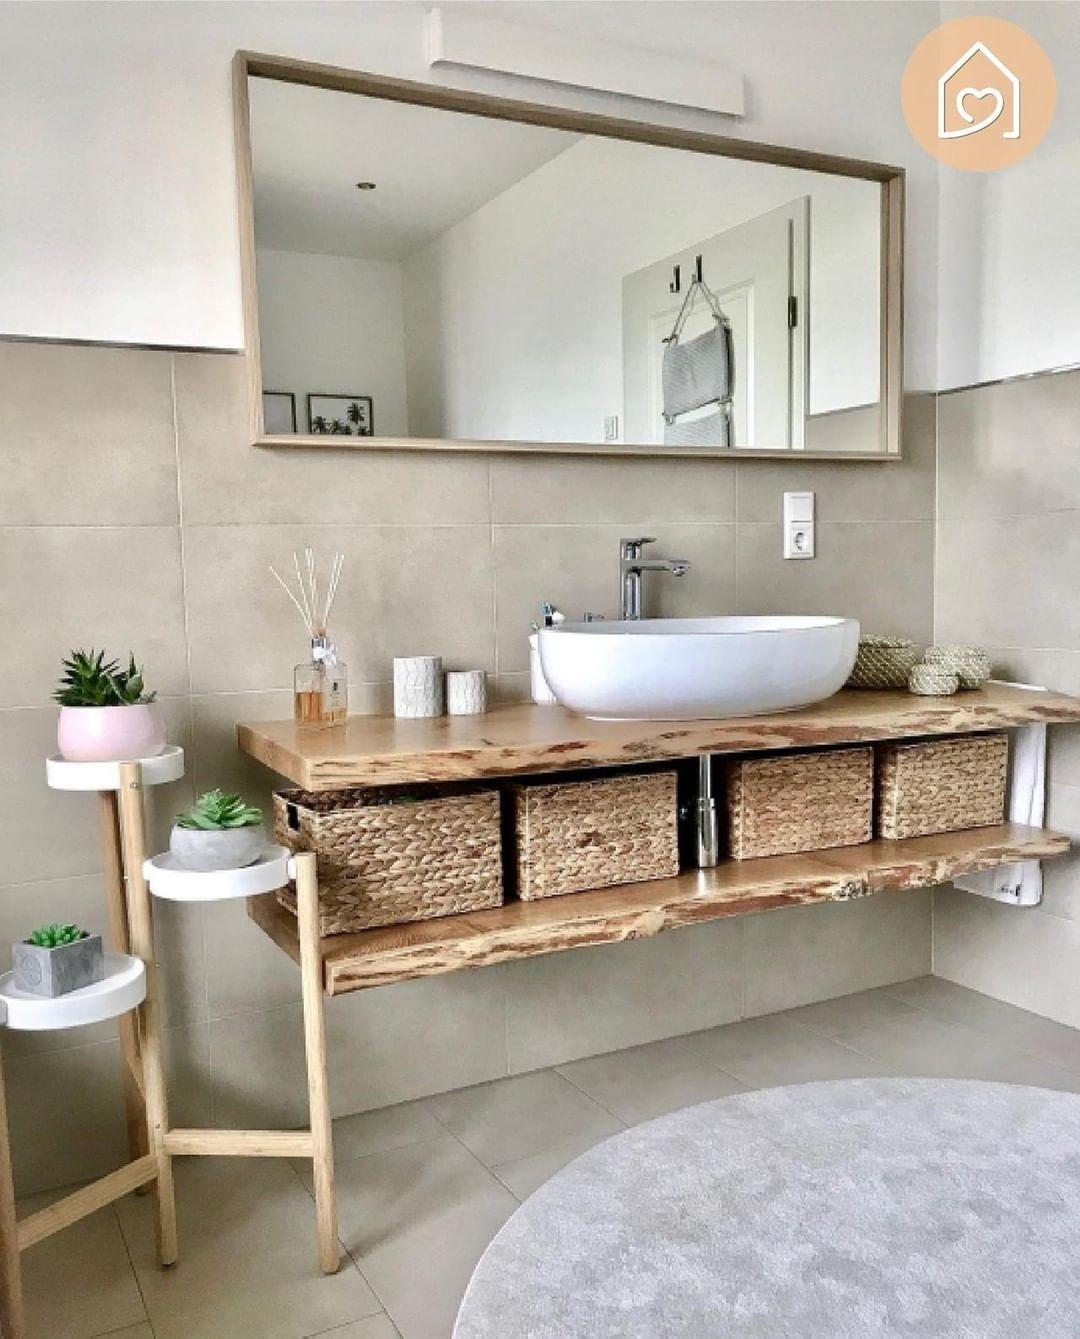 Stunning bathroom, really nice how she made this setup work!💛 Credit